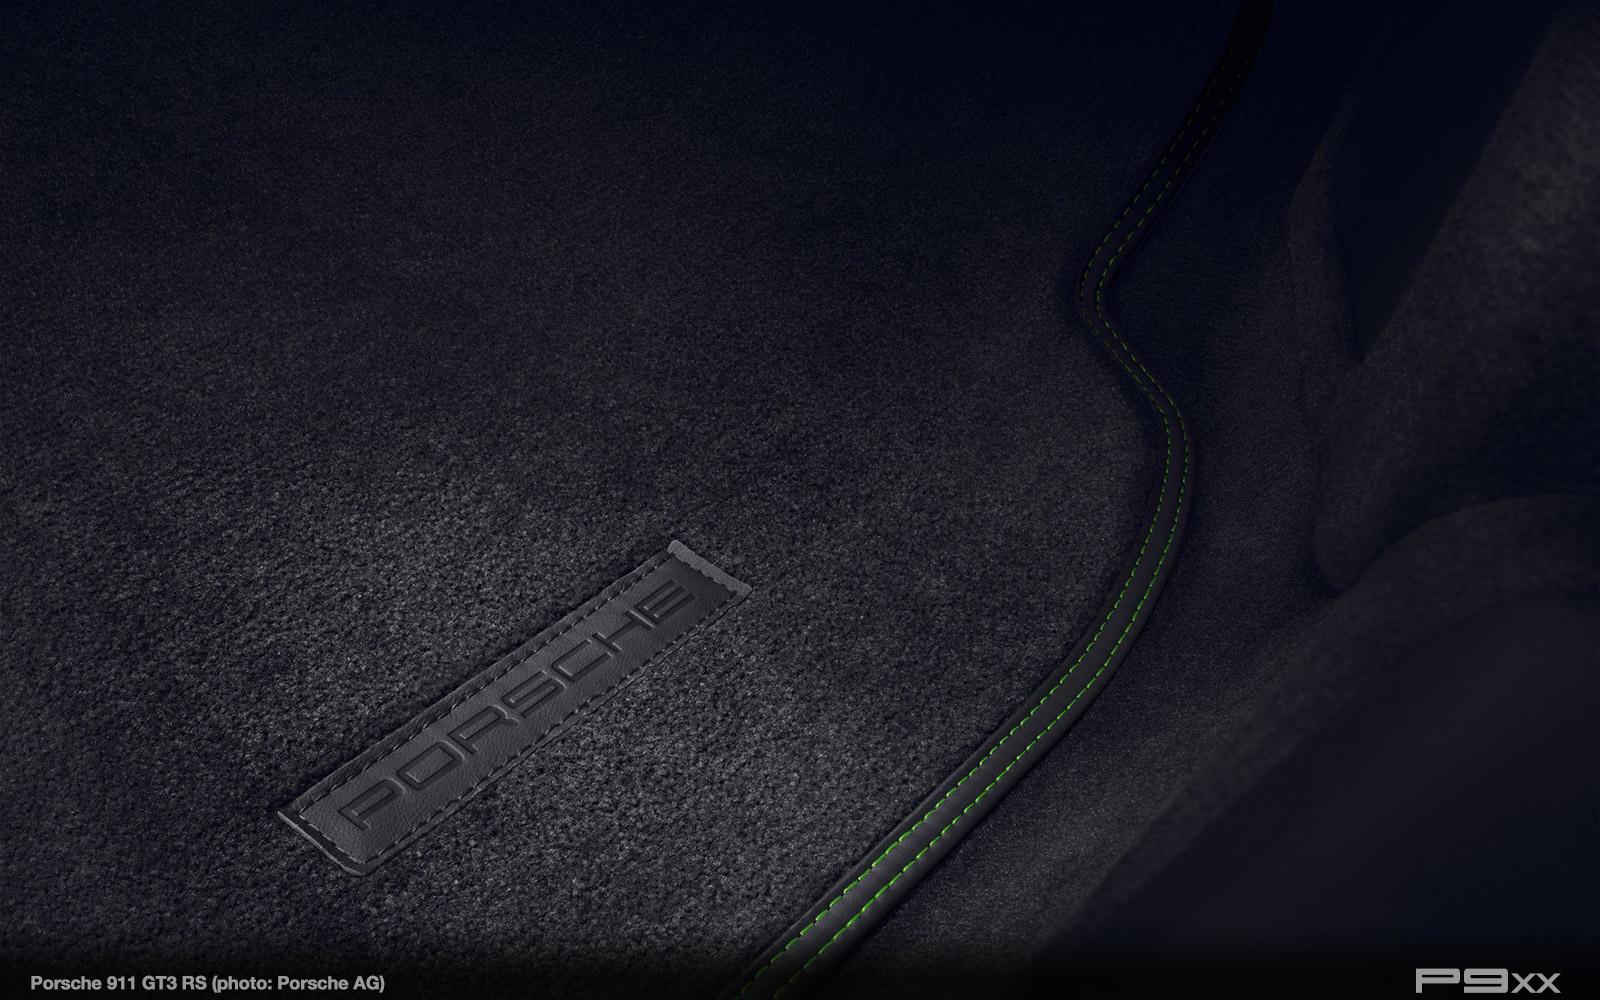 Porsche-991-2-911-GT3-RS-298